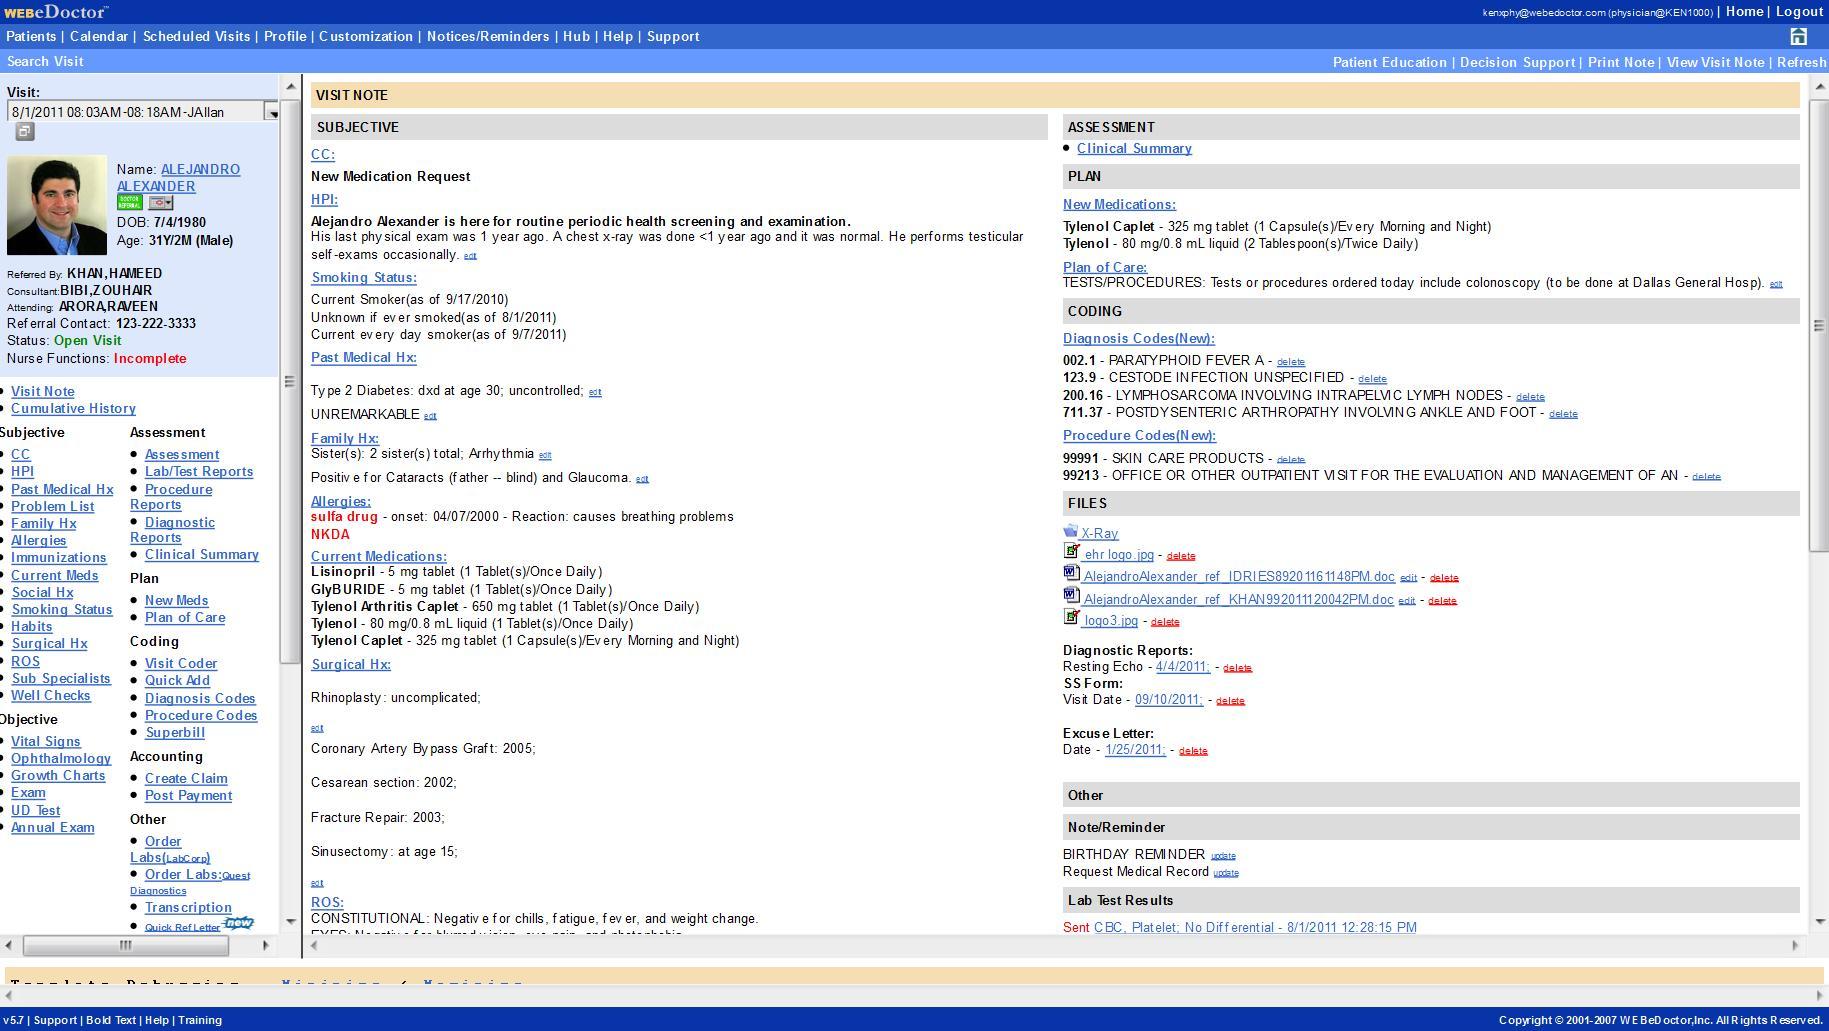 WEBeDoctor Software - WEBeDoctor's EMR